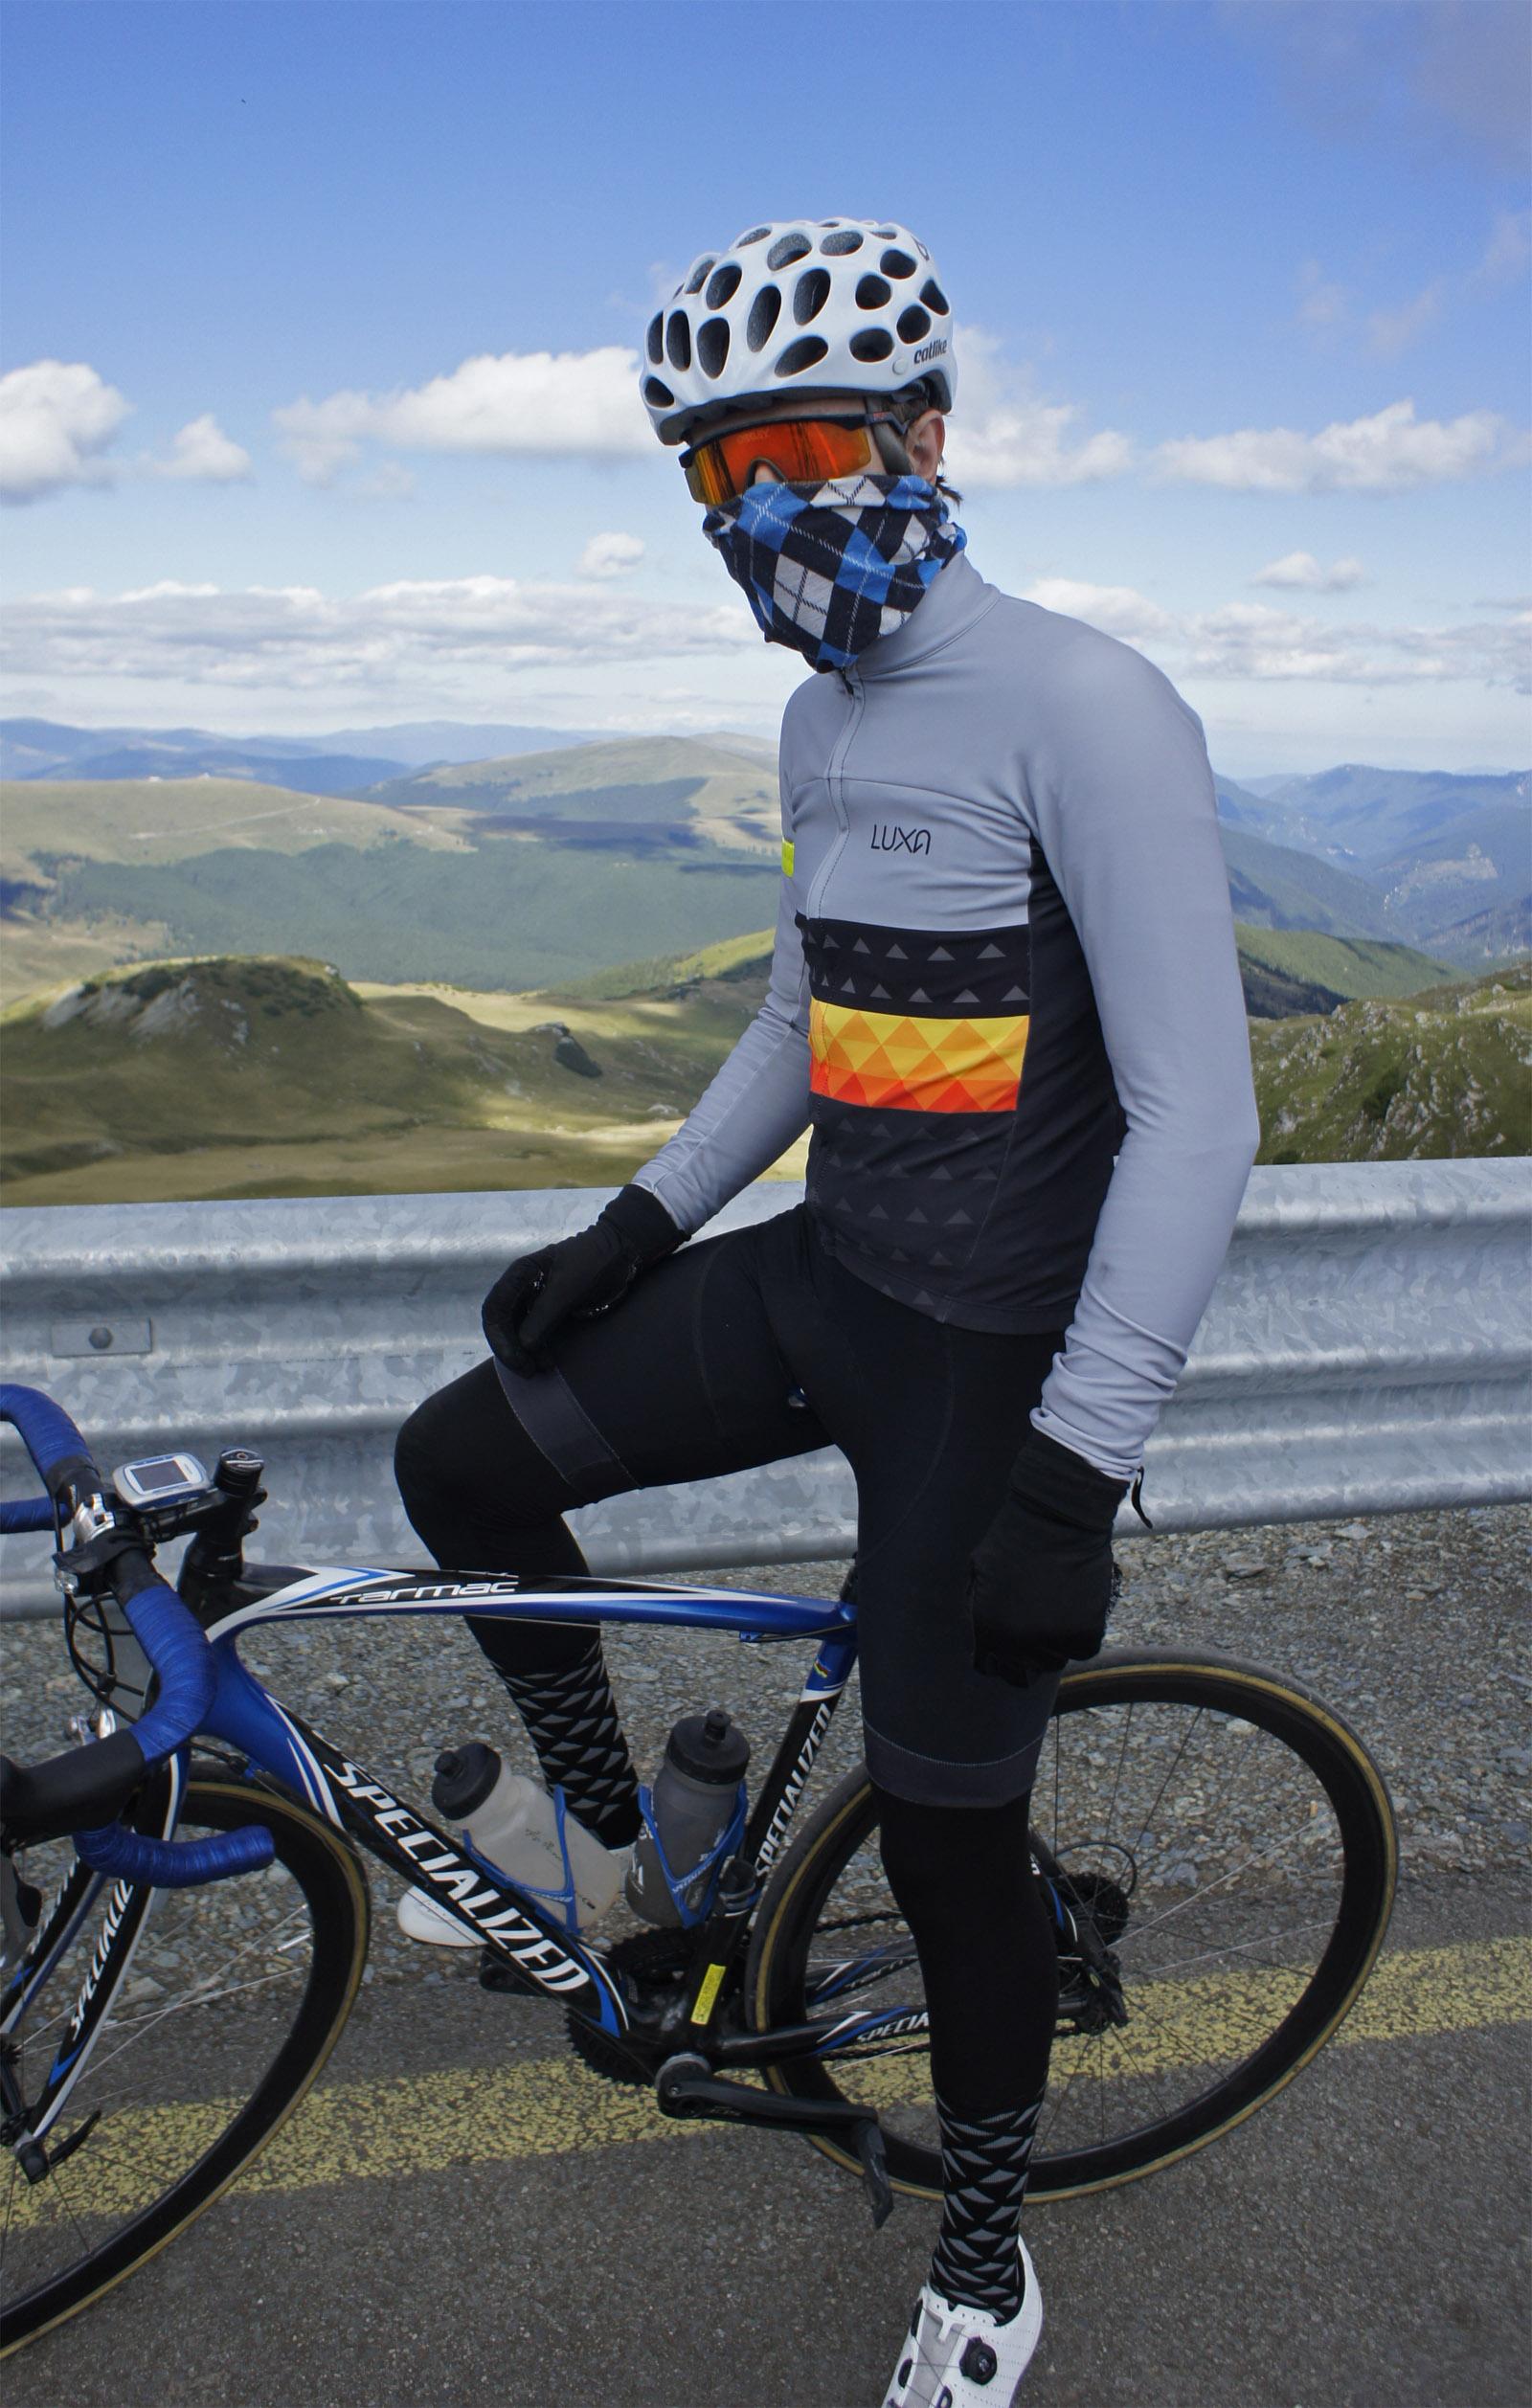 nasz ghost rider przygotowany do zjazdu